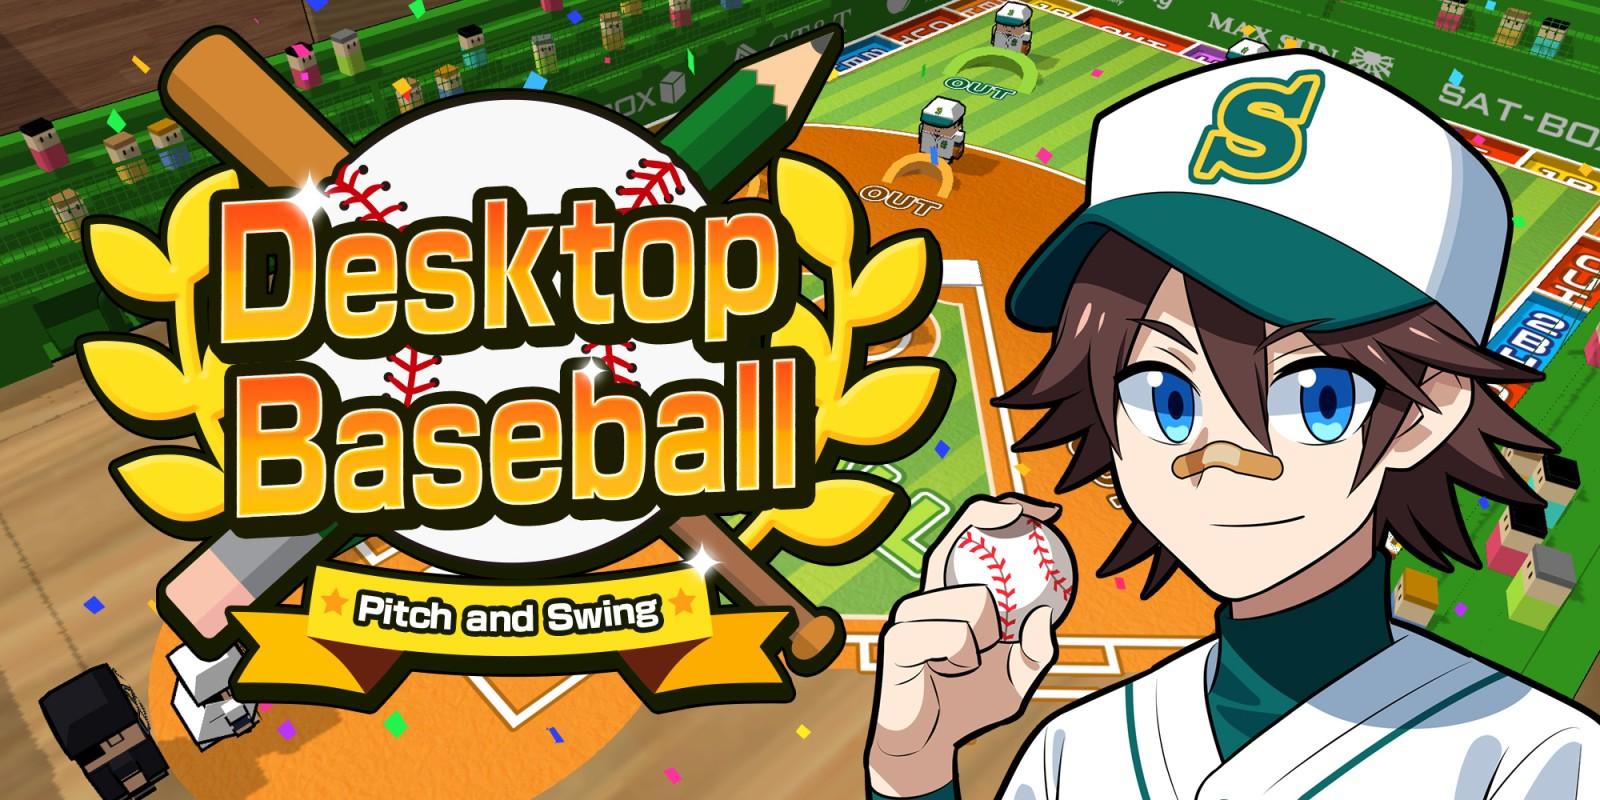 Desktop Baseball